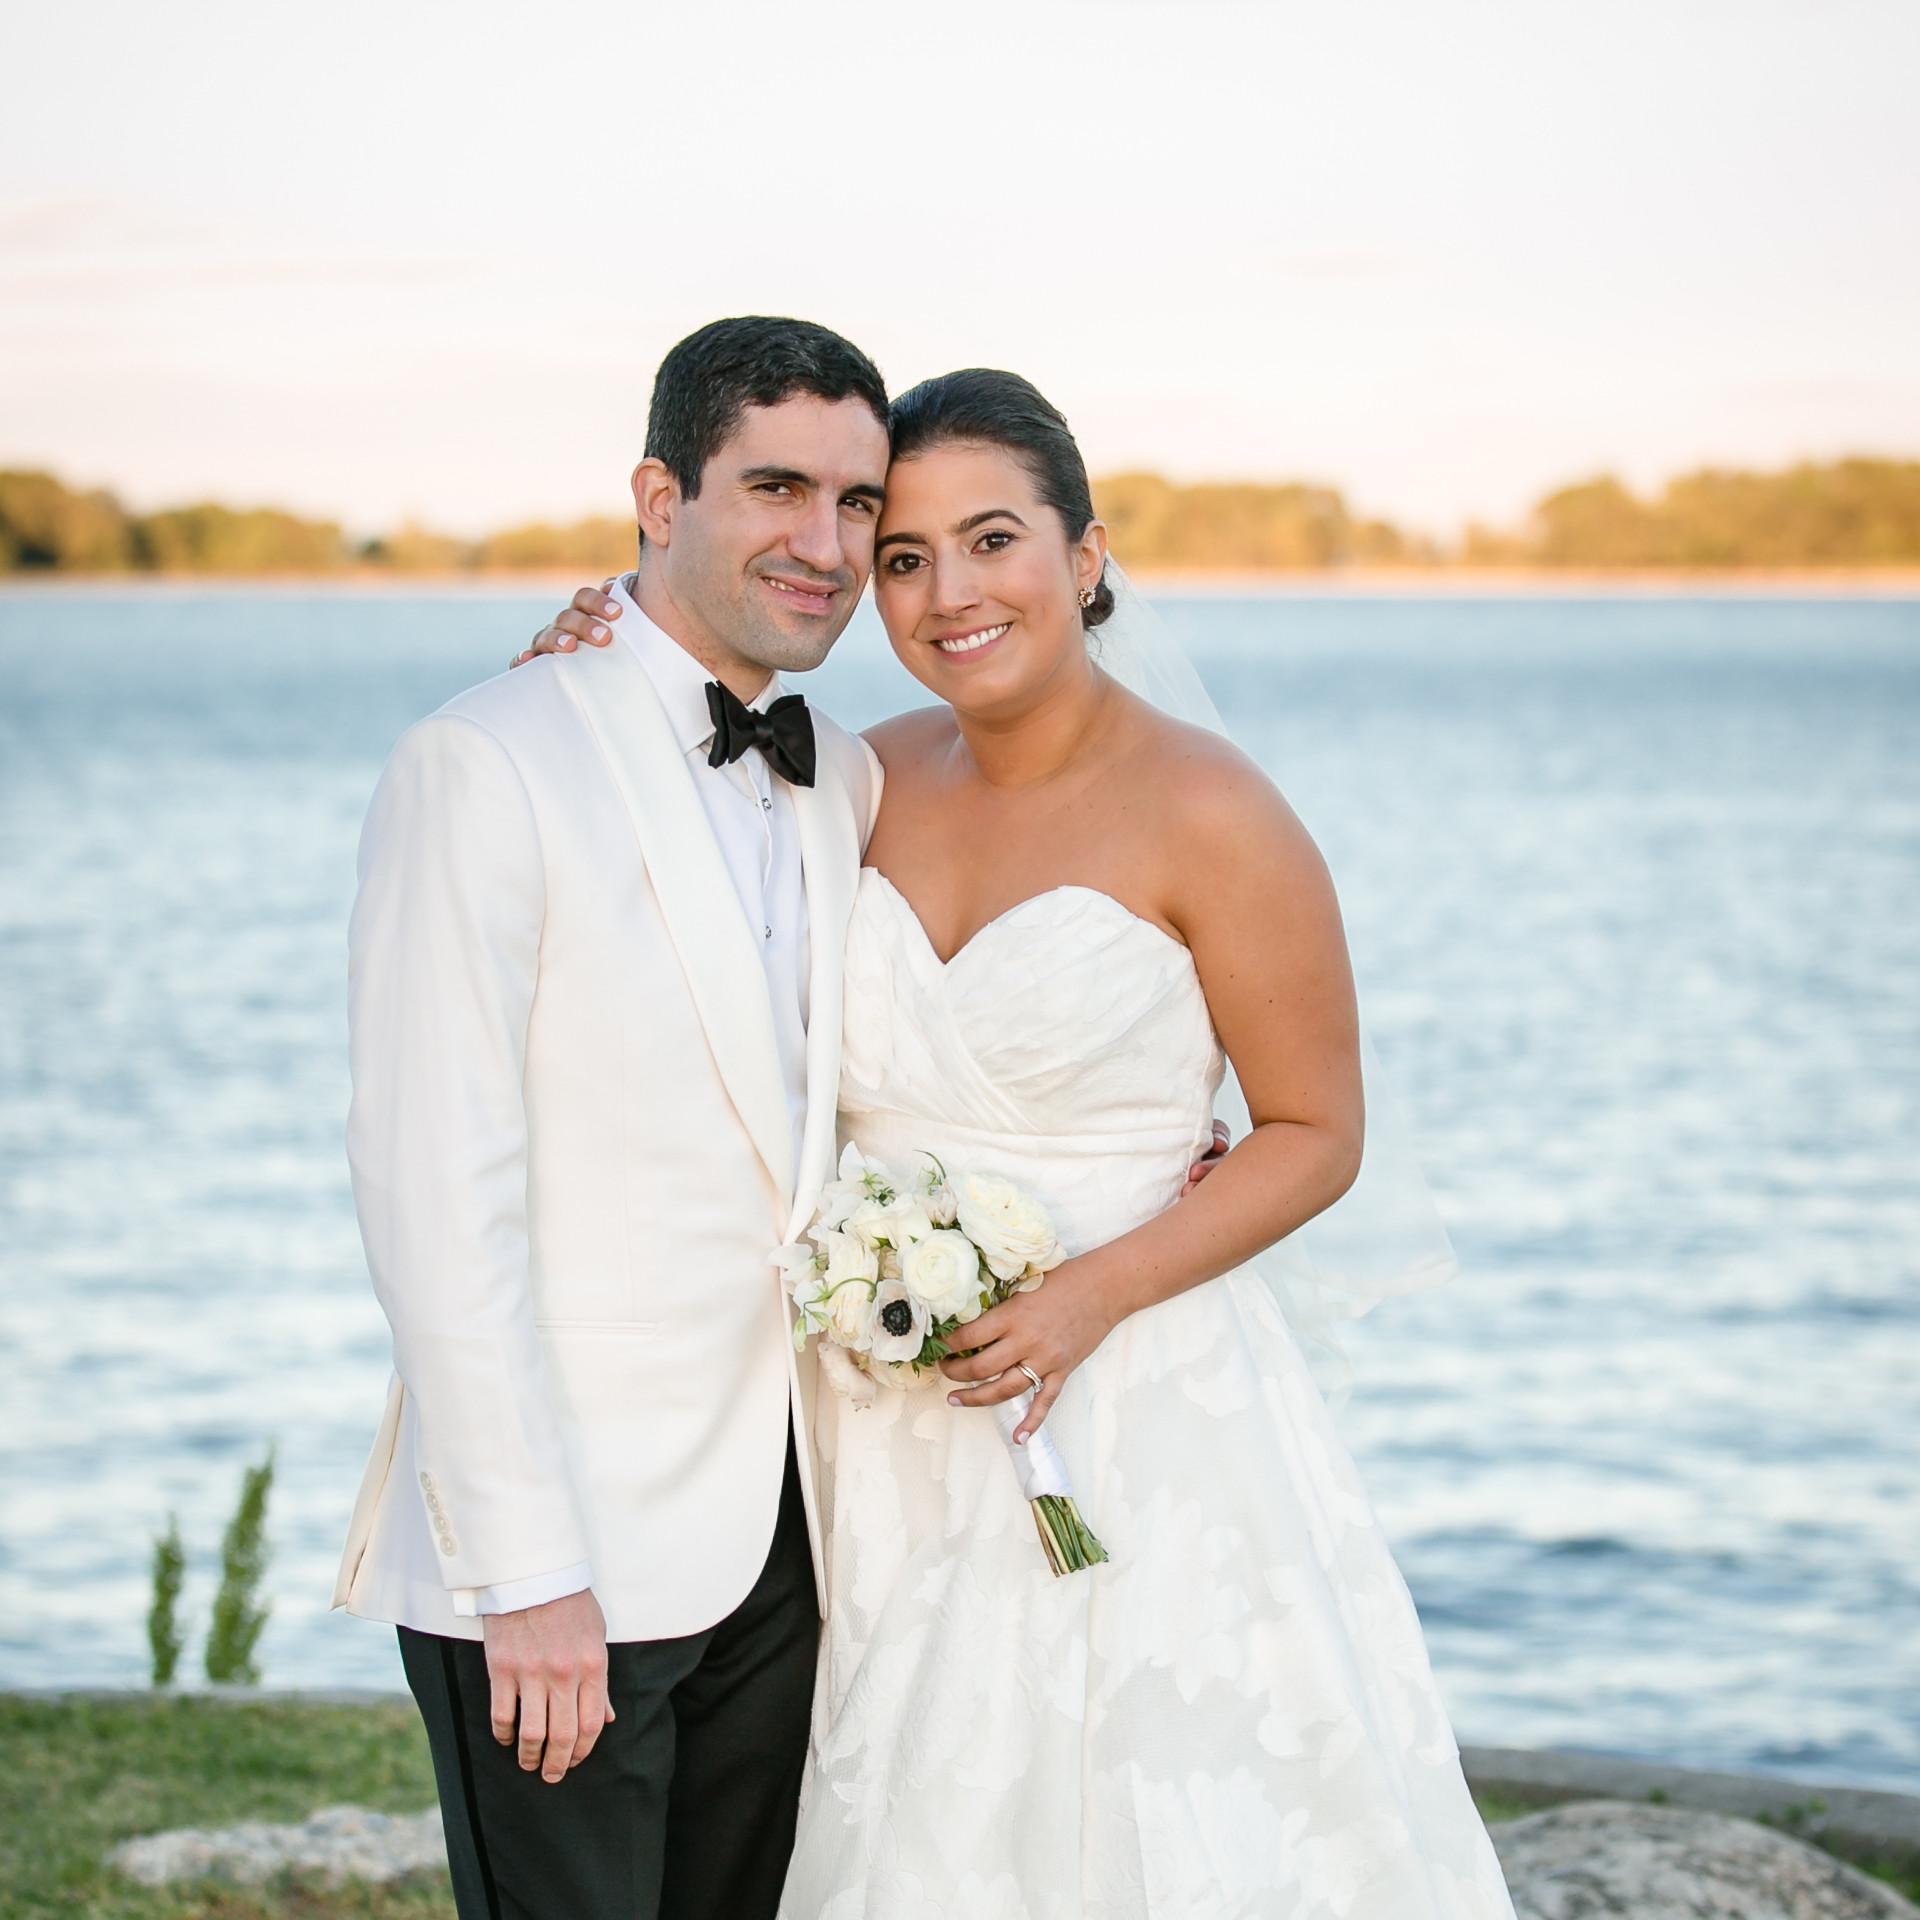 0338_Claudine_and_Eugenio's_Wedding_phot